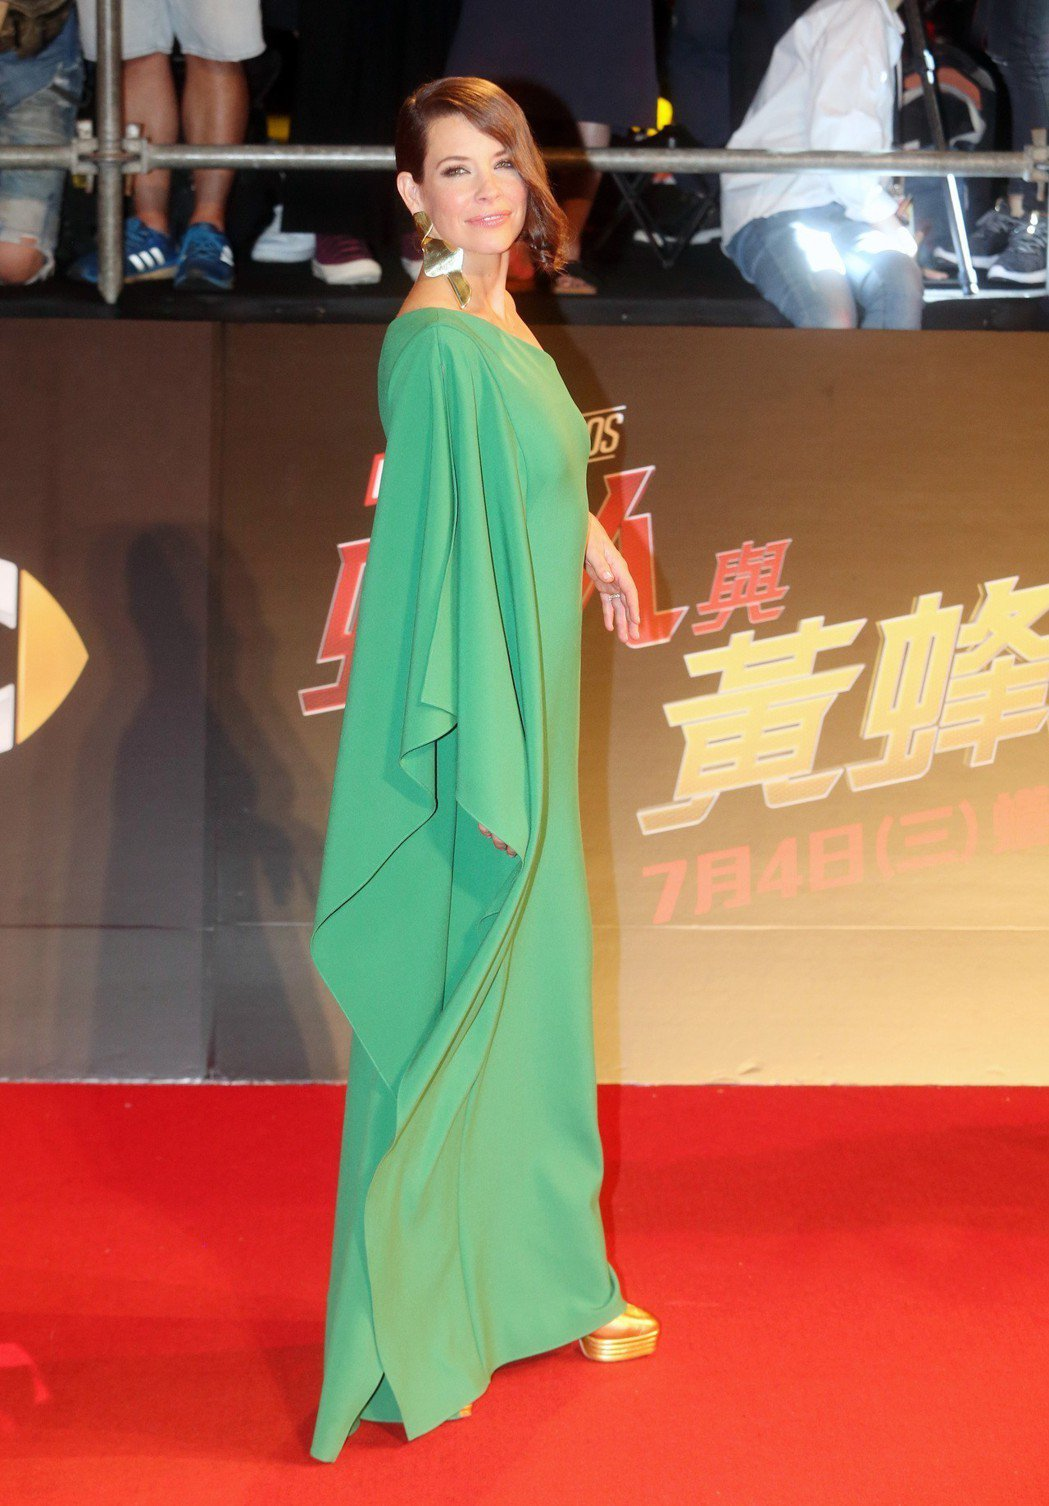 電影「蟻人與黃蜂女」女主角伊凡潔琳莉莉昨天走紅毯為電影宣傳。記者胡經周/攝影